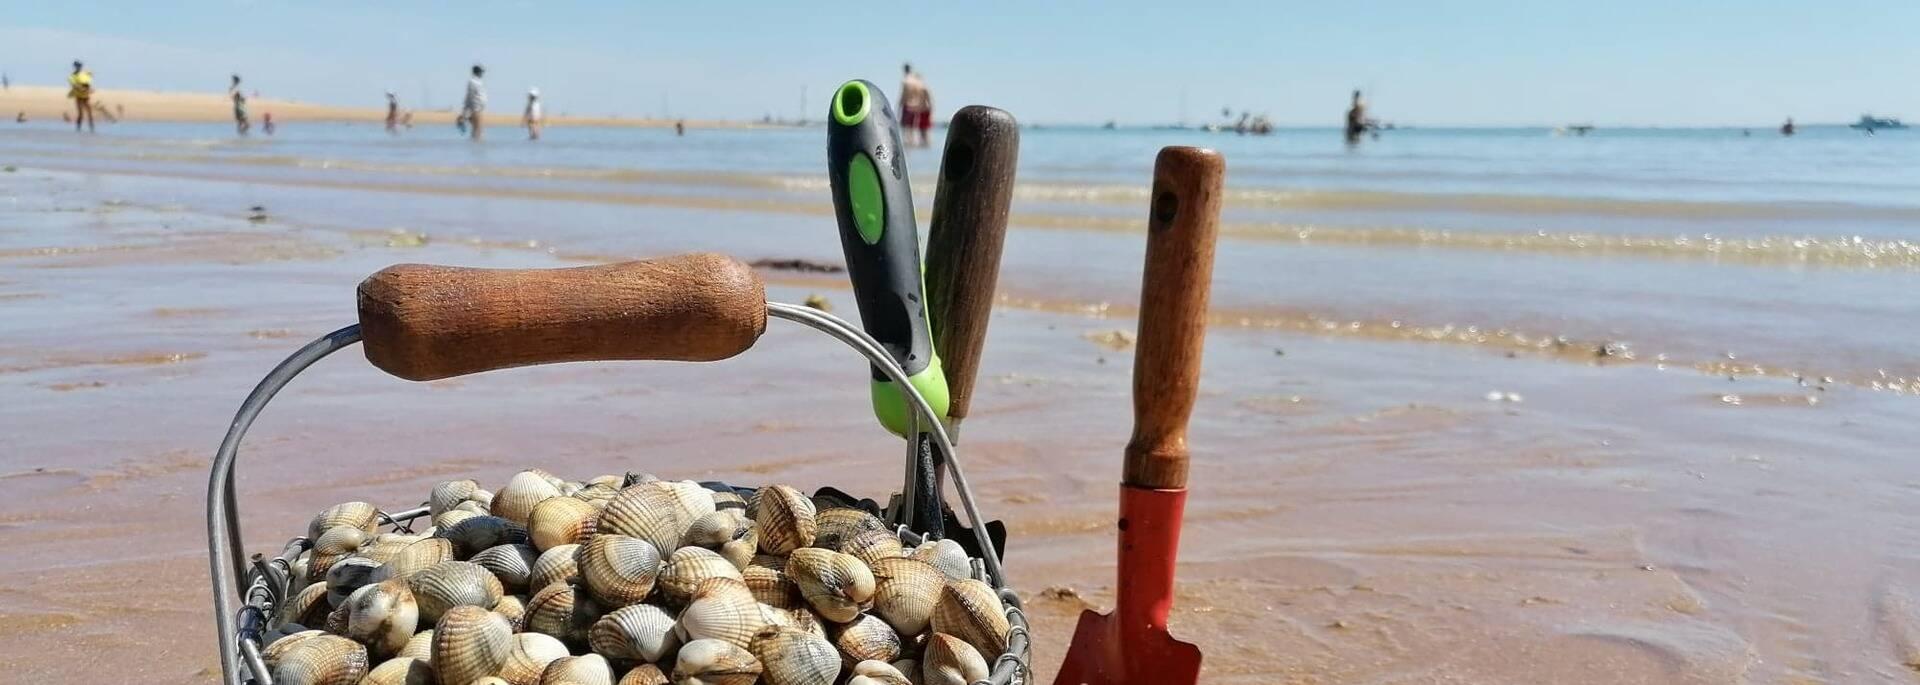 Pêche à pied sur l'estran - panier